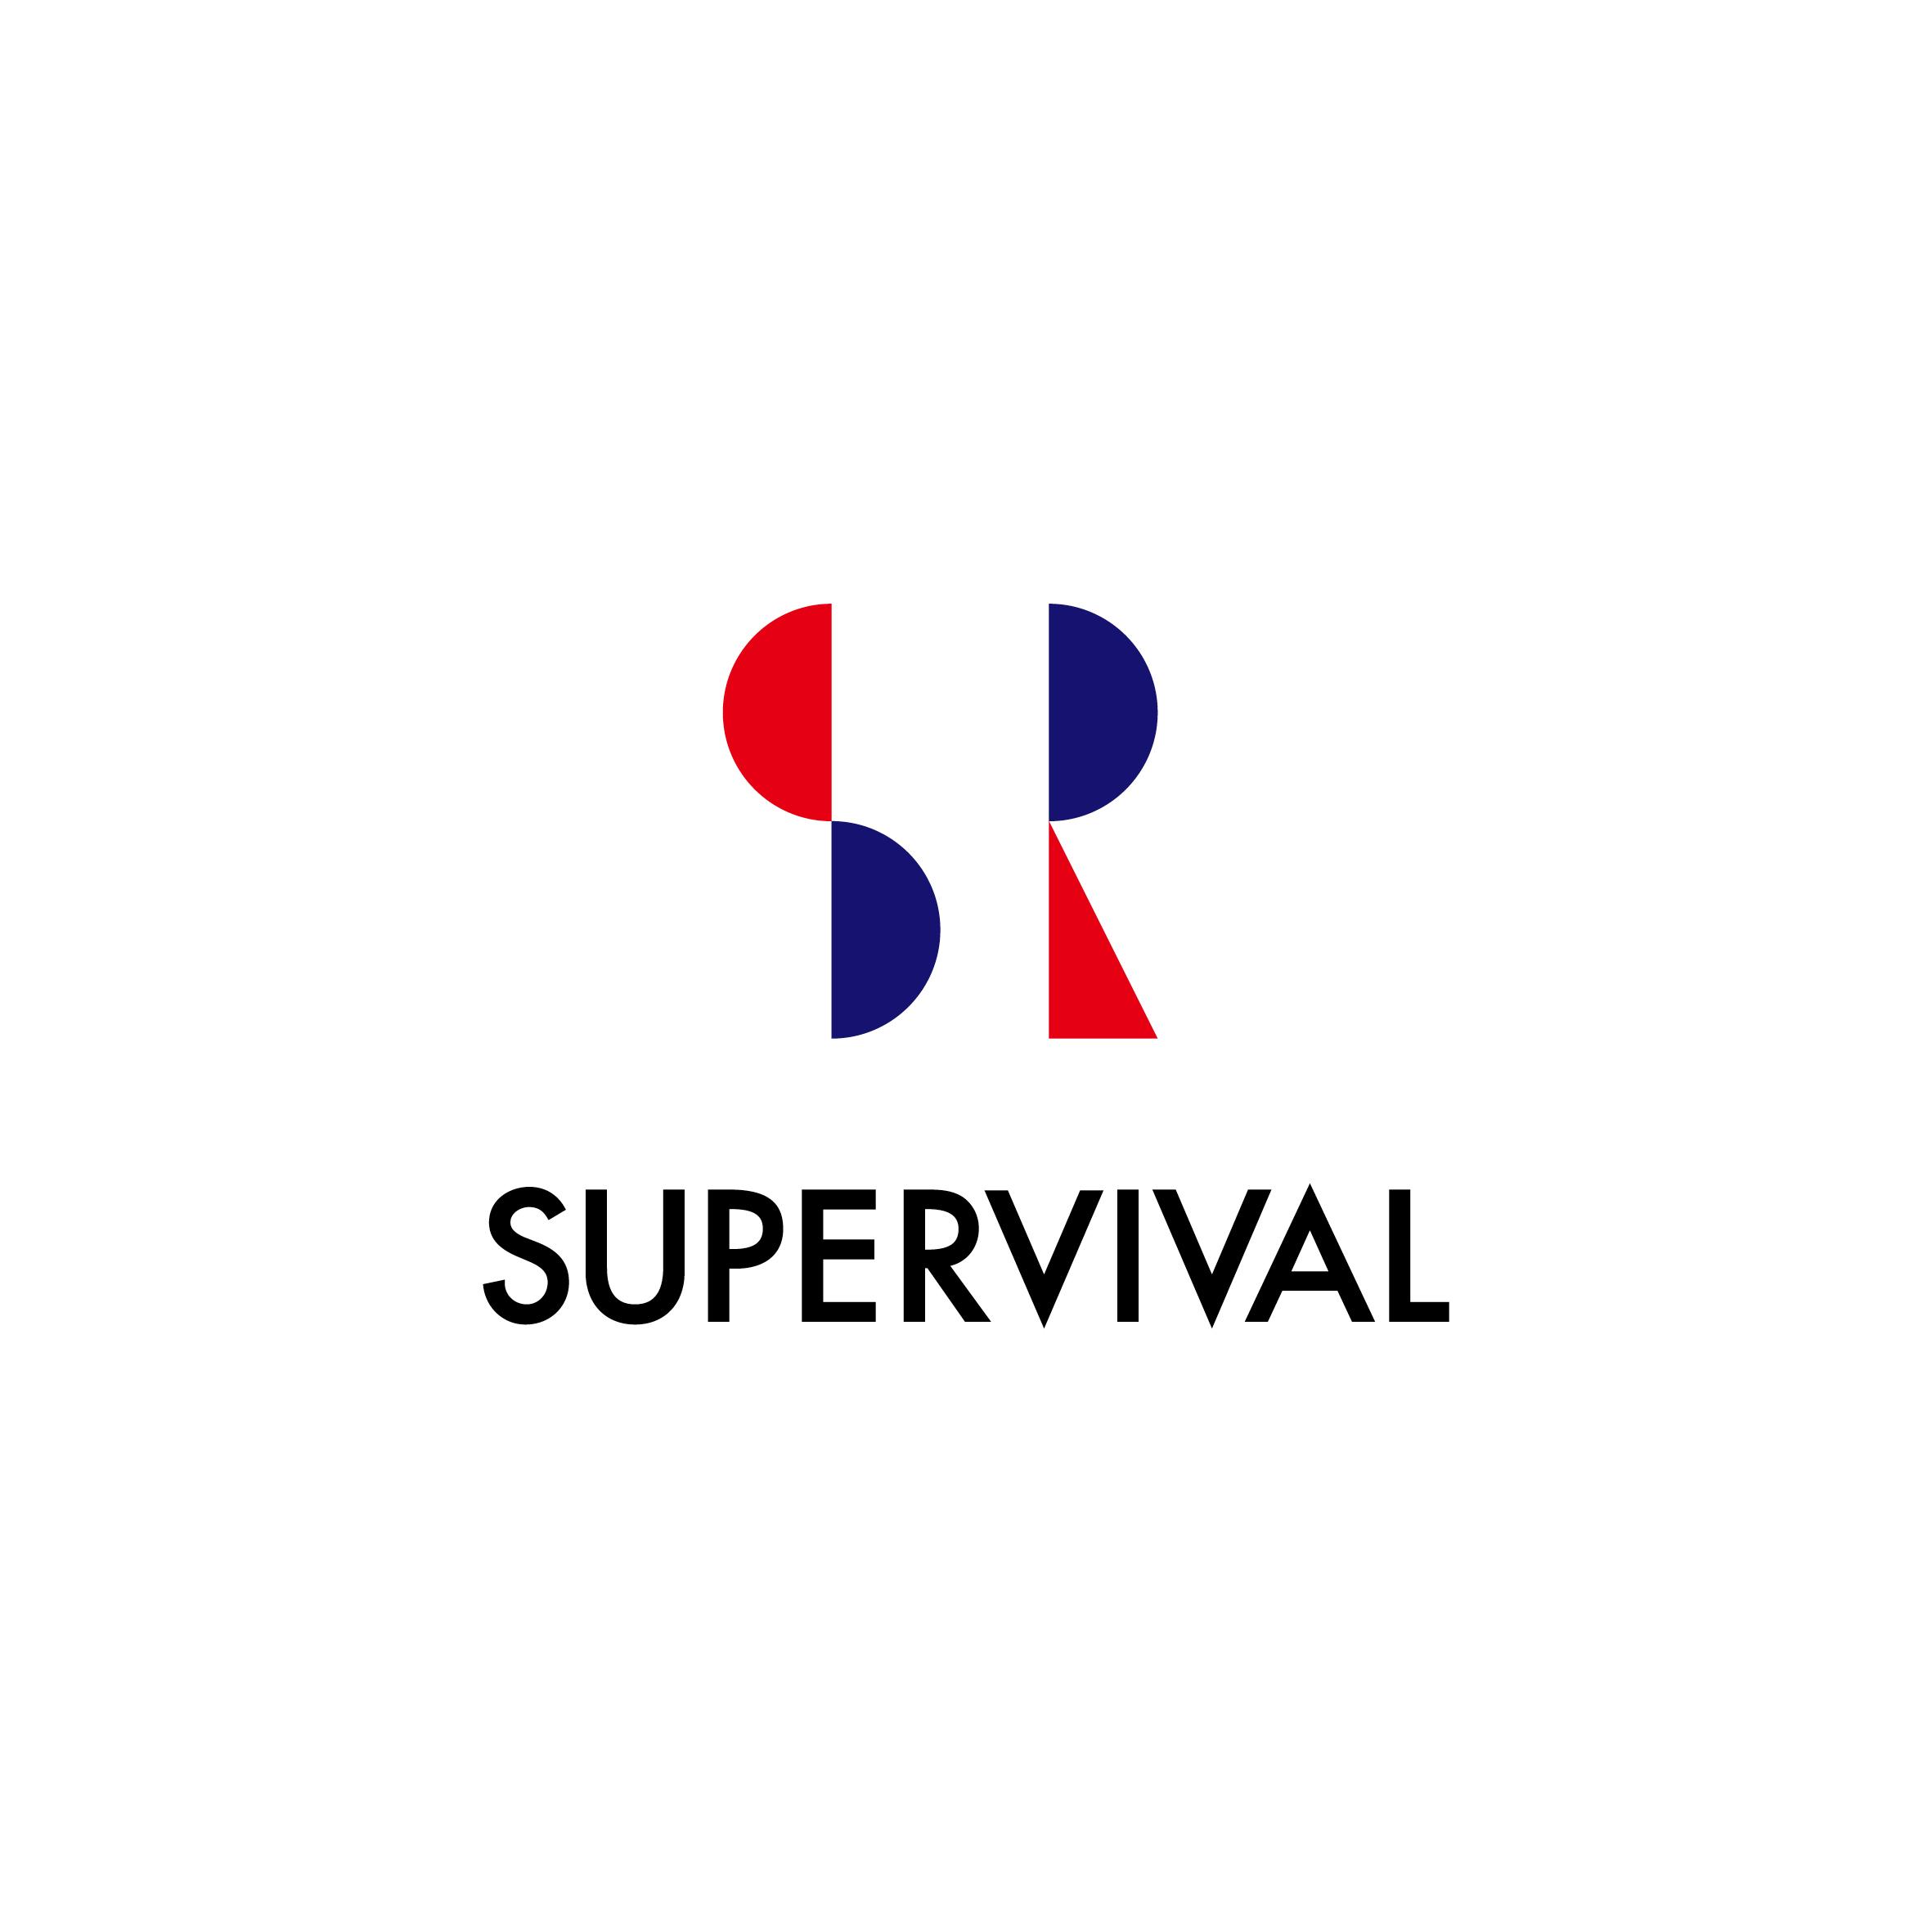 Supervival_CIdesign